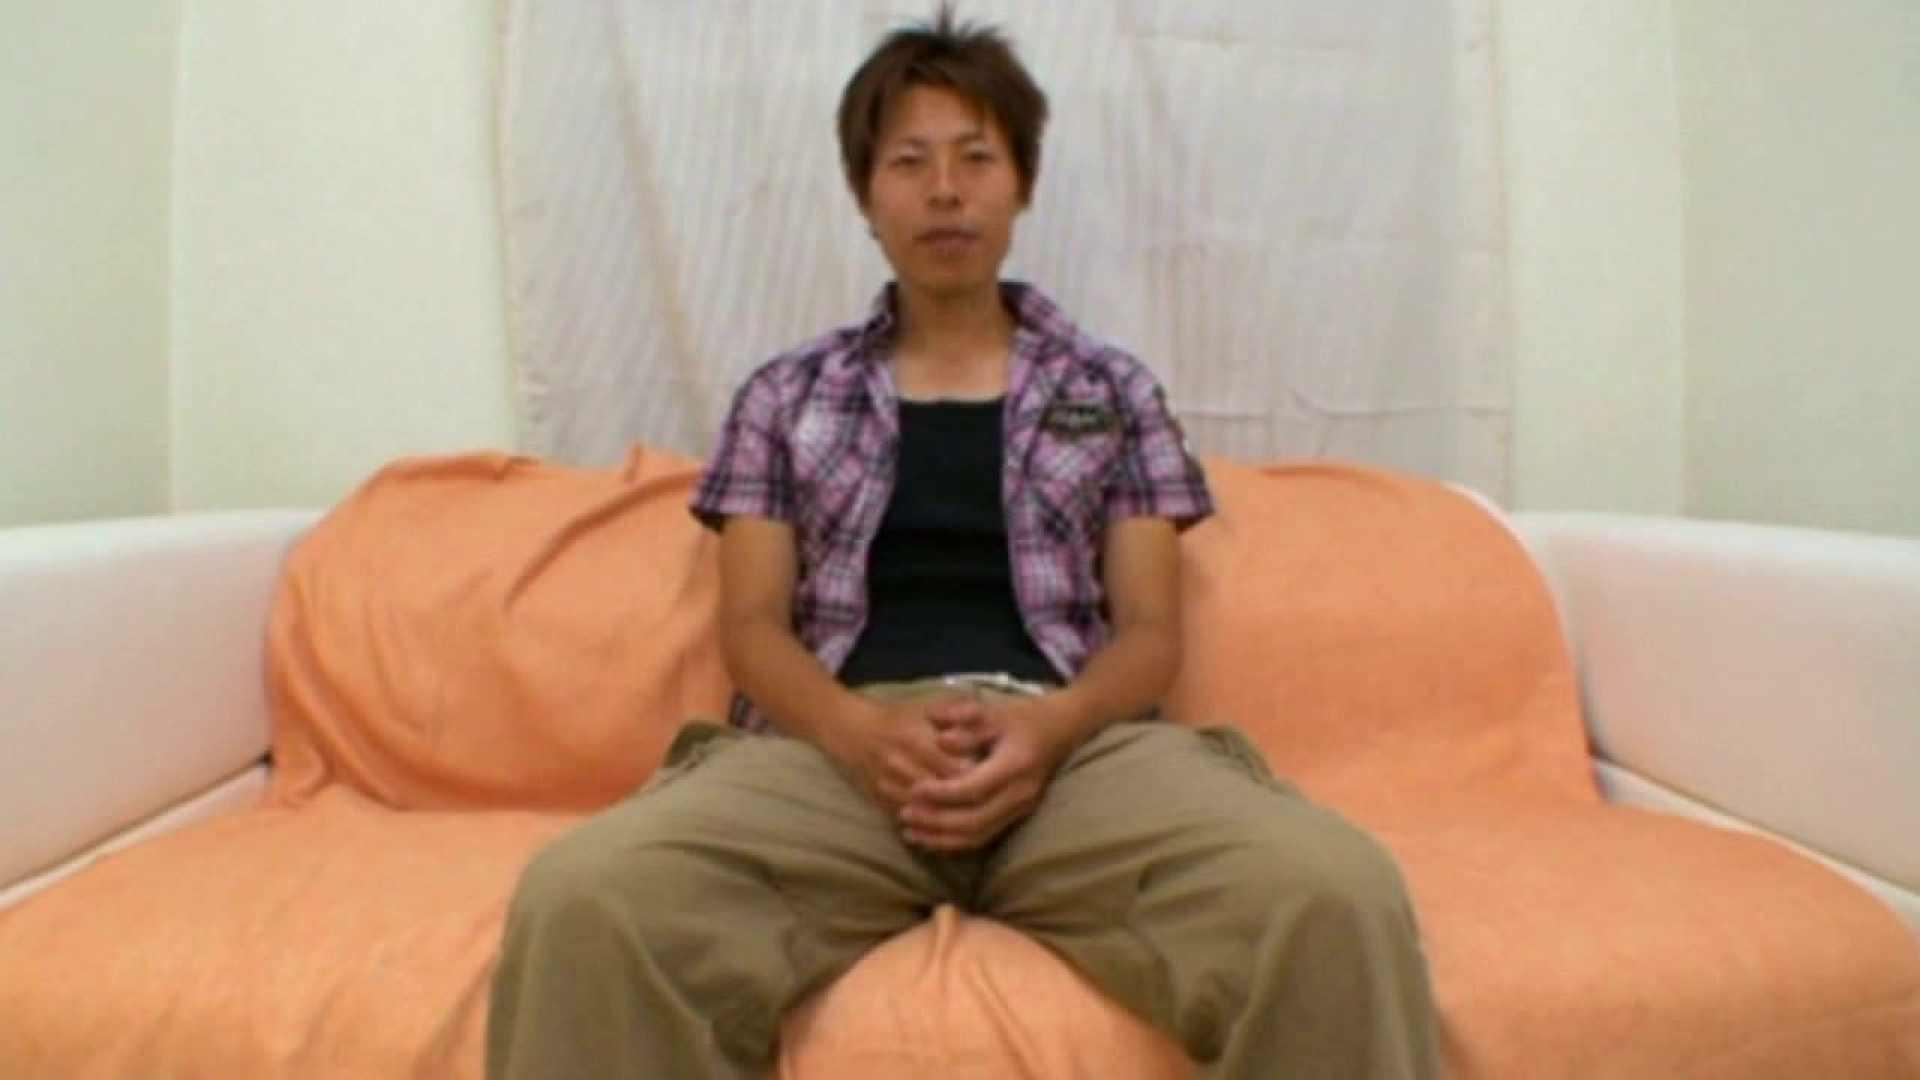 ノンケ!自慰スタジオ No.10 ノンケ天国 ゲイアダルト画像 83pic 4